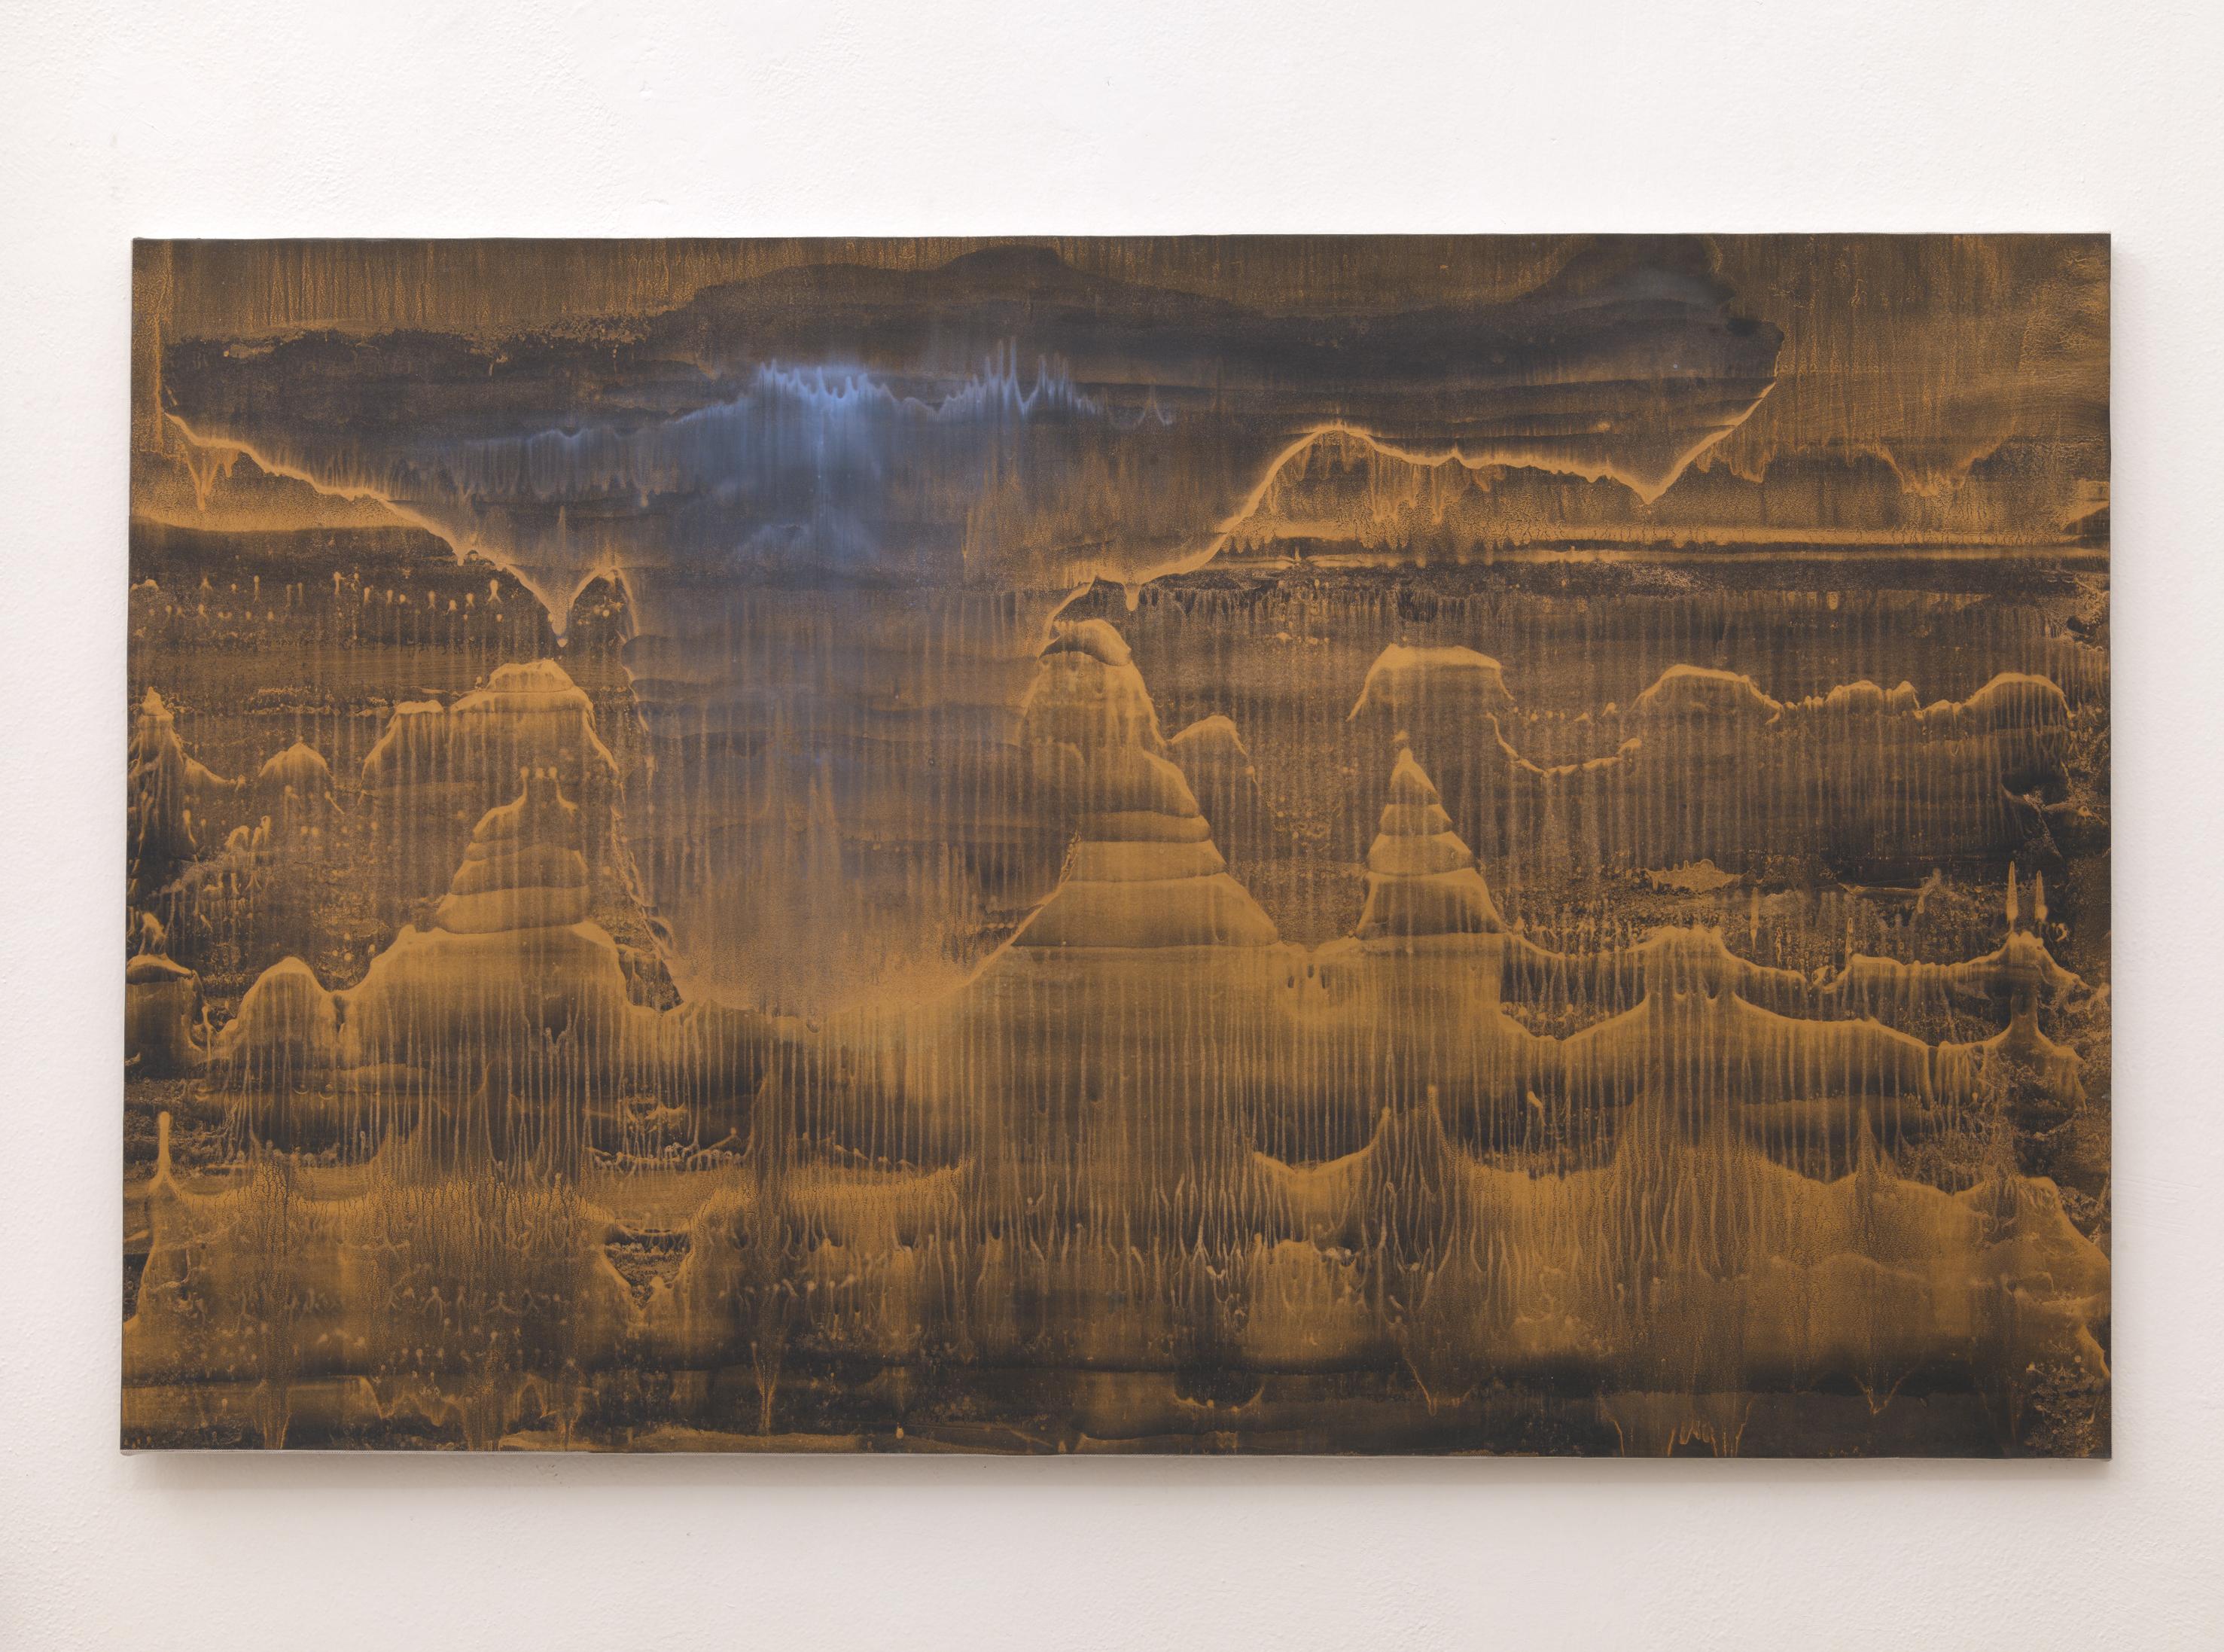 Matteo Montani, Vicino o lontano abiti nei nostri cuori il silenzio, 2014, olio e polvere d'ottone su carta intelata, cm 87x140